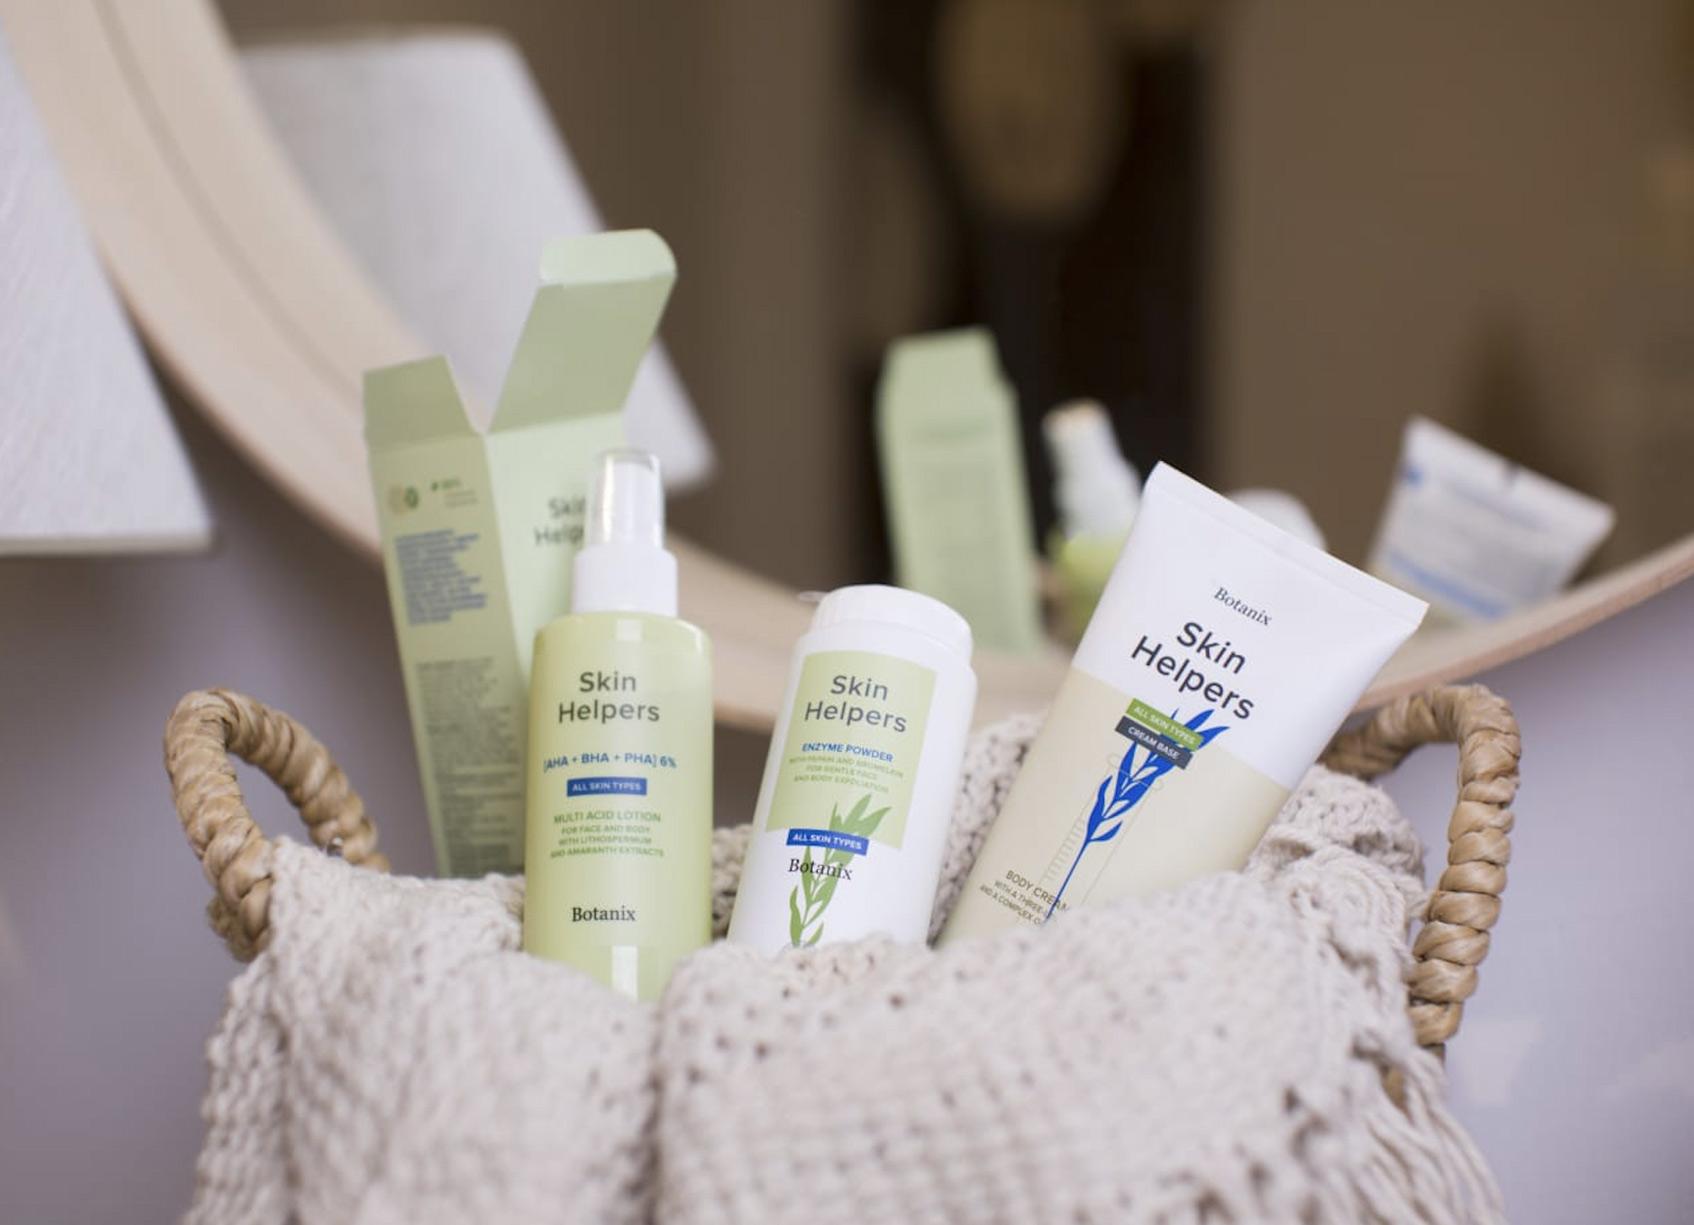 натуральная уходовая косметика для лица Skin Helpers